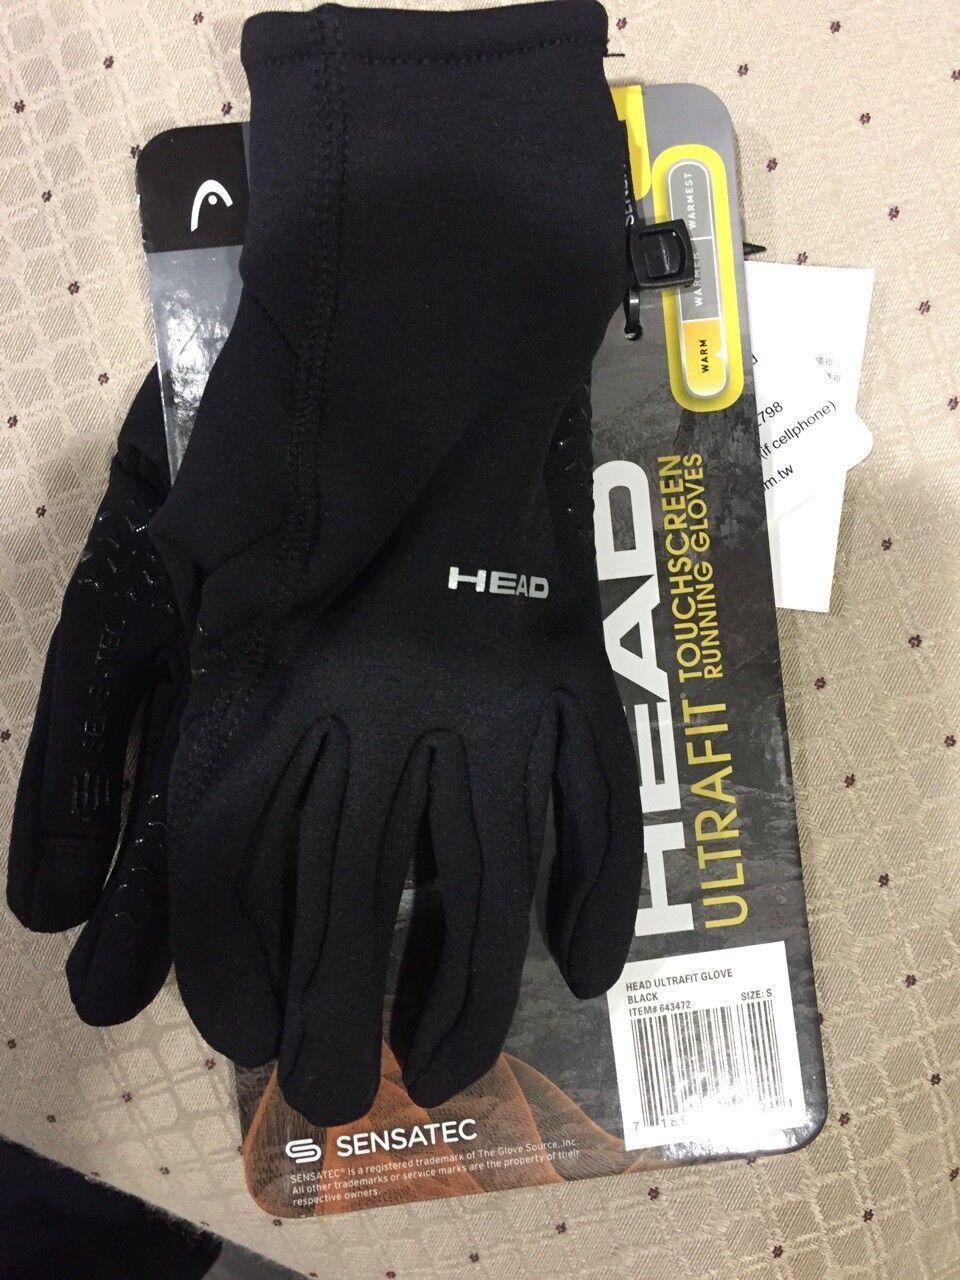 Head Multifunzione MES'S Guanti Sportivi black, S M  L _C643472B